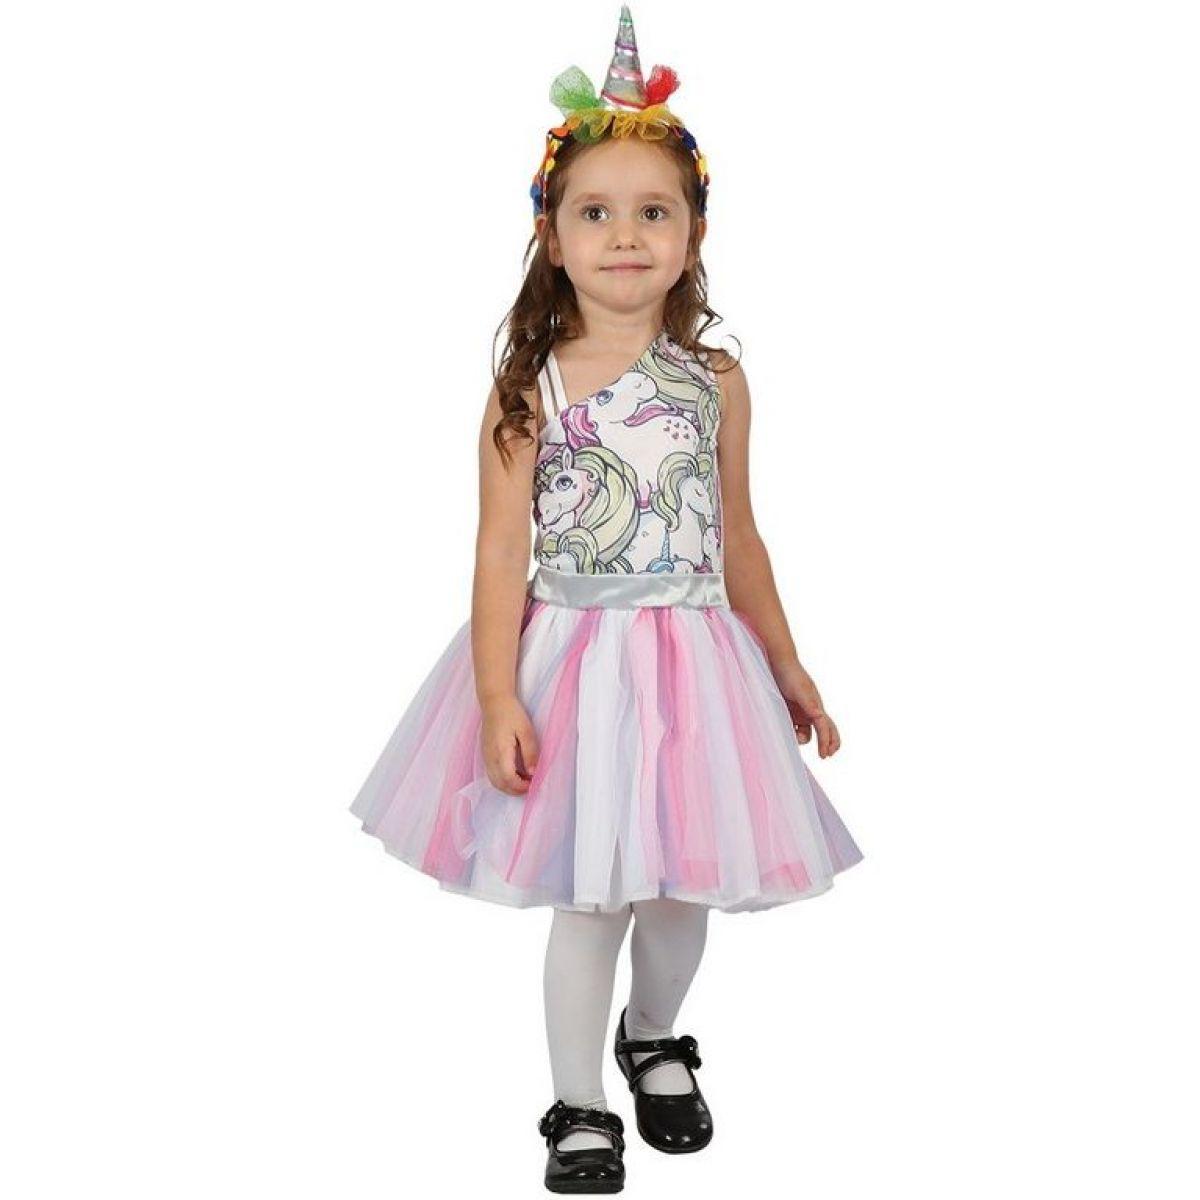 Dětské šaty na karneval jednorožec 92 - 104 cm